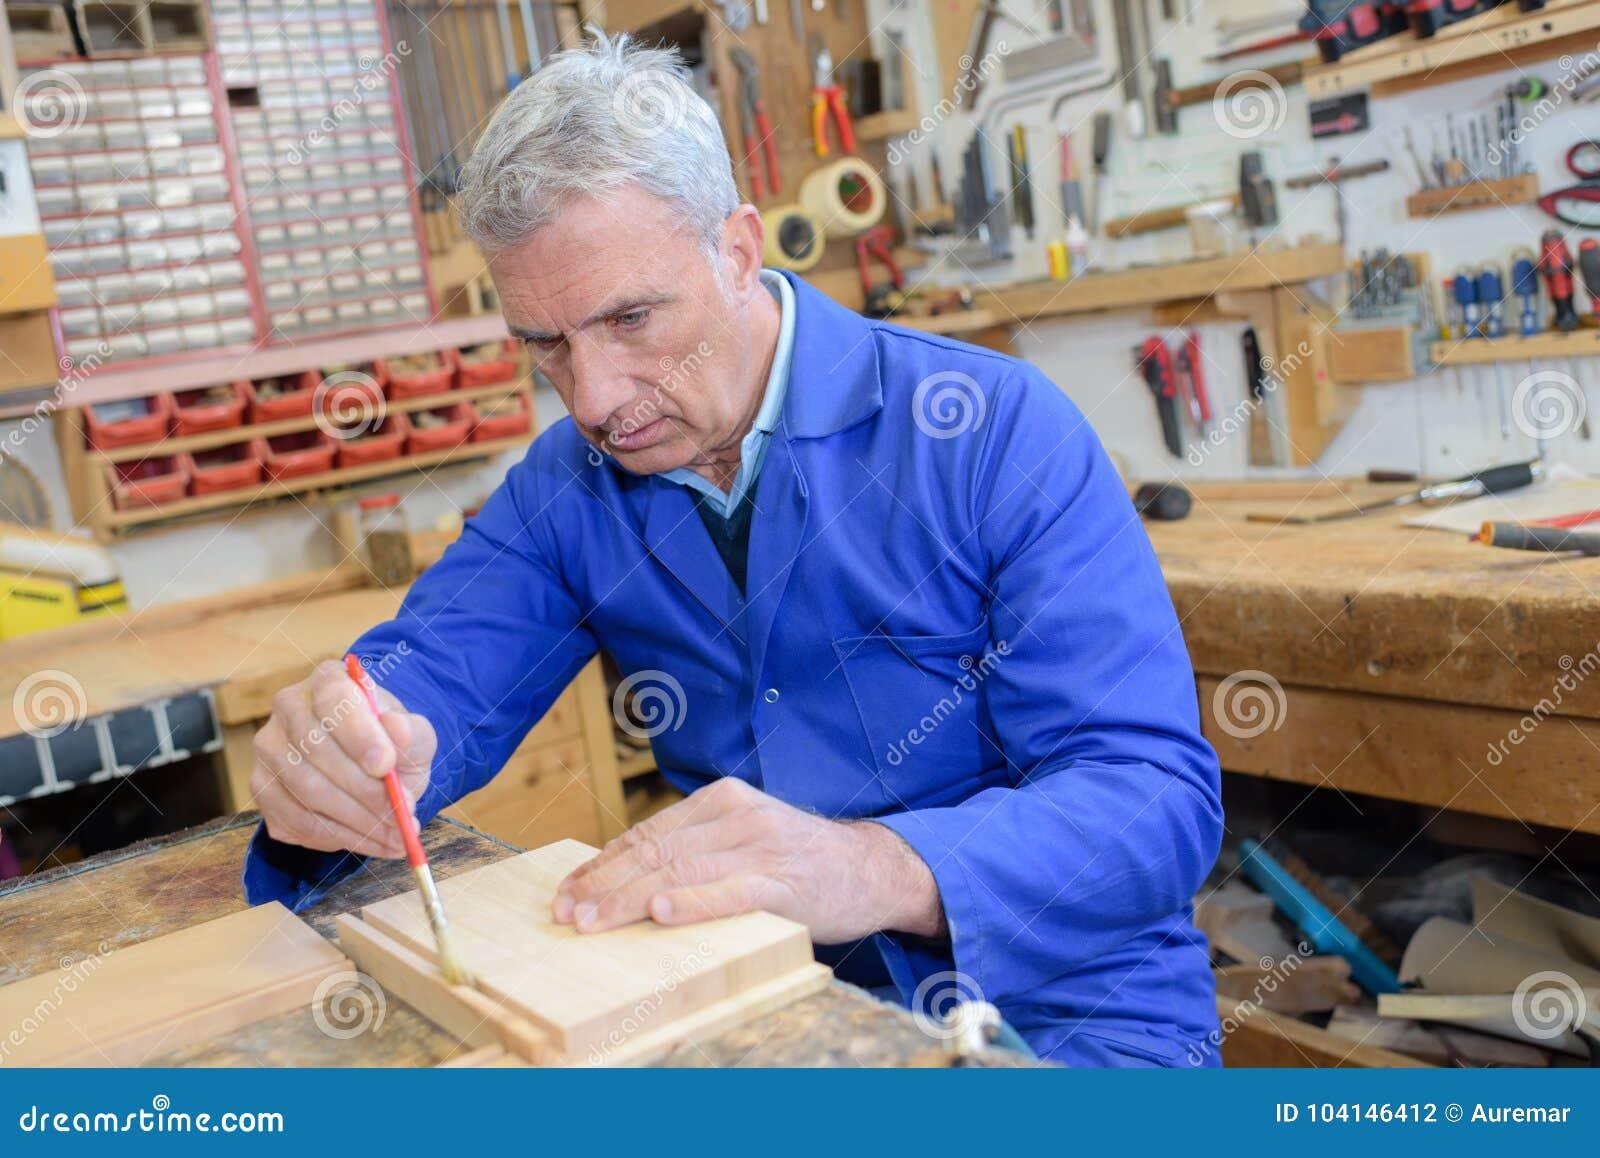 Älterer Tischler, der Bürste auf Stückholz in der Werkstatt verwendet